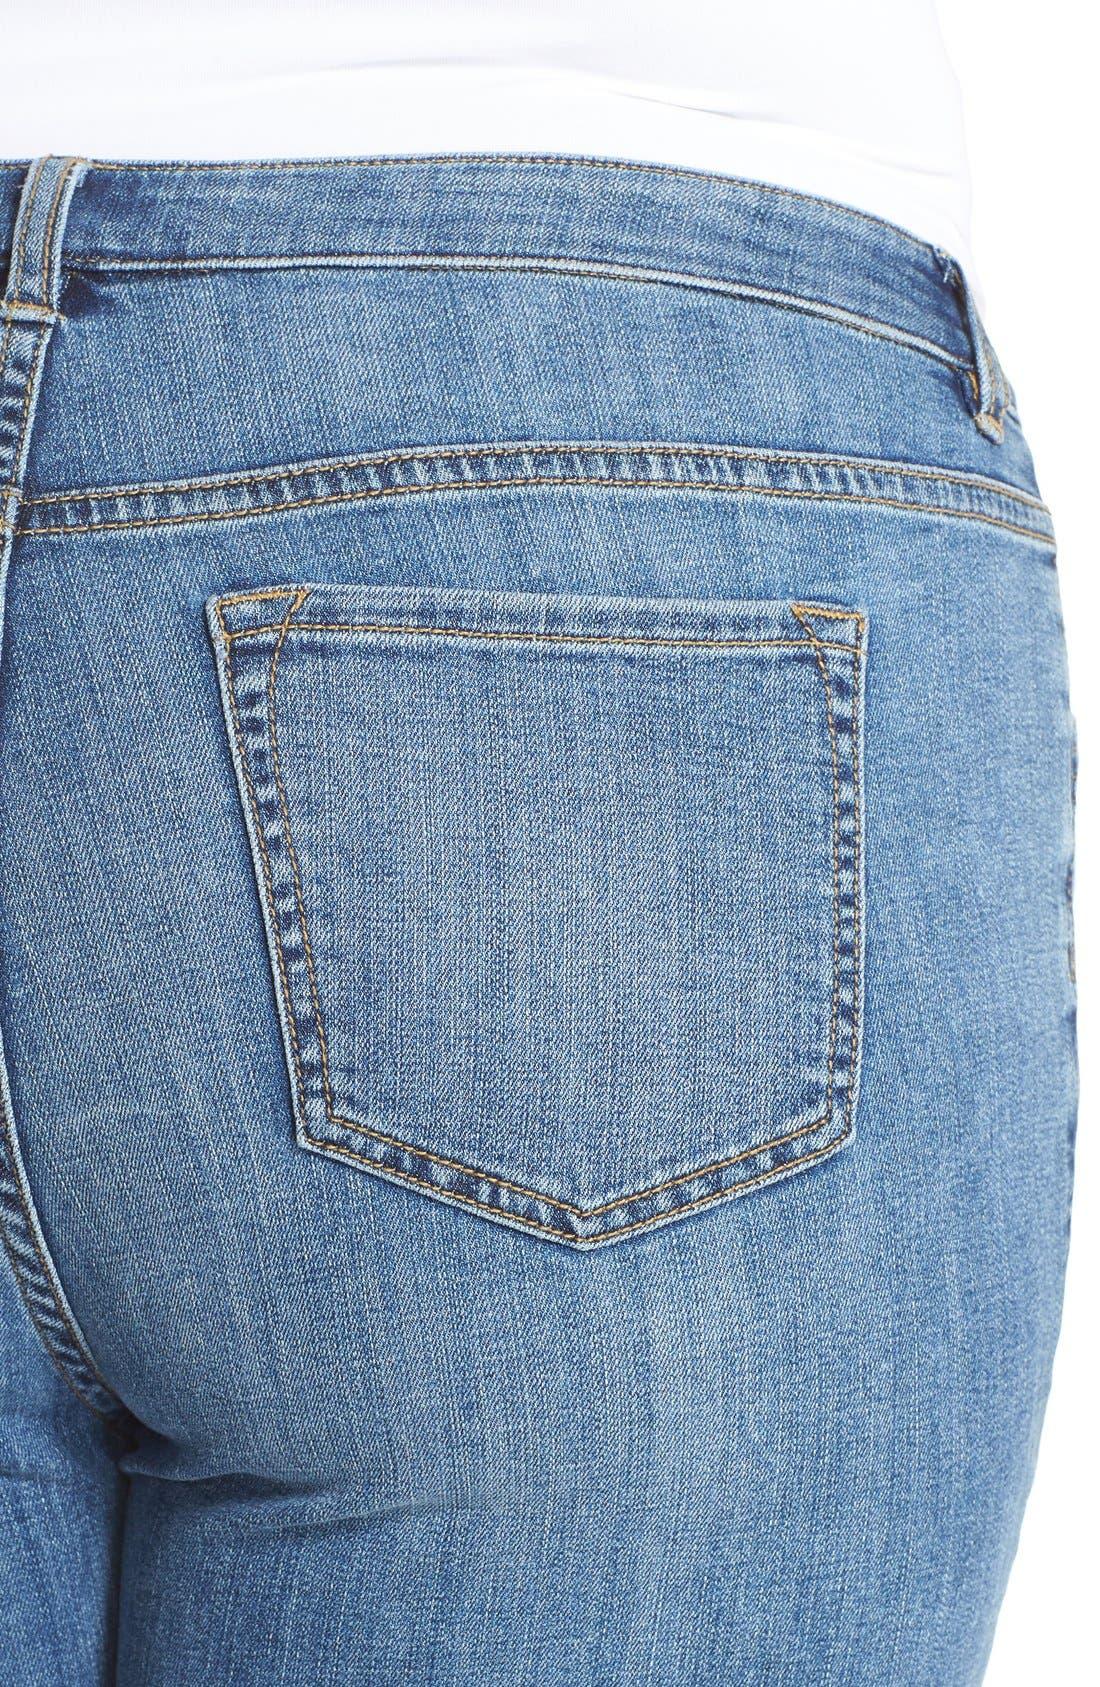 Wide Leg Crop Jeans,                             Alternate thumbnail 10, color,